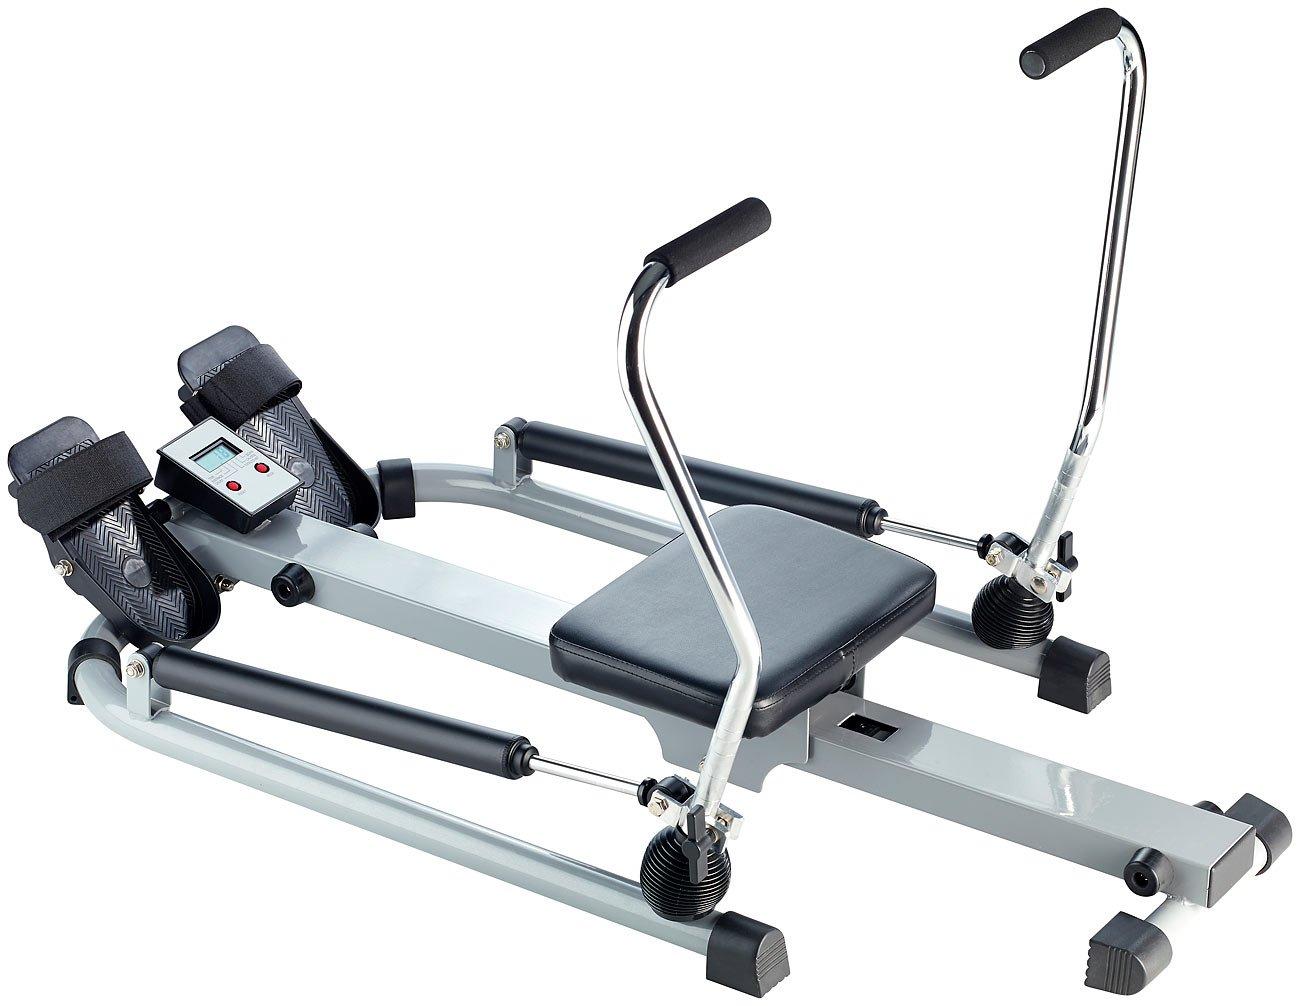 PEARL sports Ruderergometer  Rudergerät mit Trainingscomputer, Schlagzähler, Hydraulik-Zylinder (Rudertrainer)